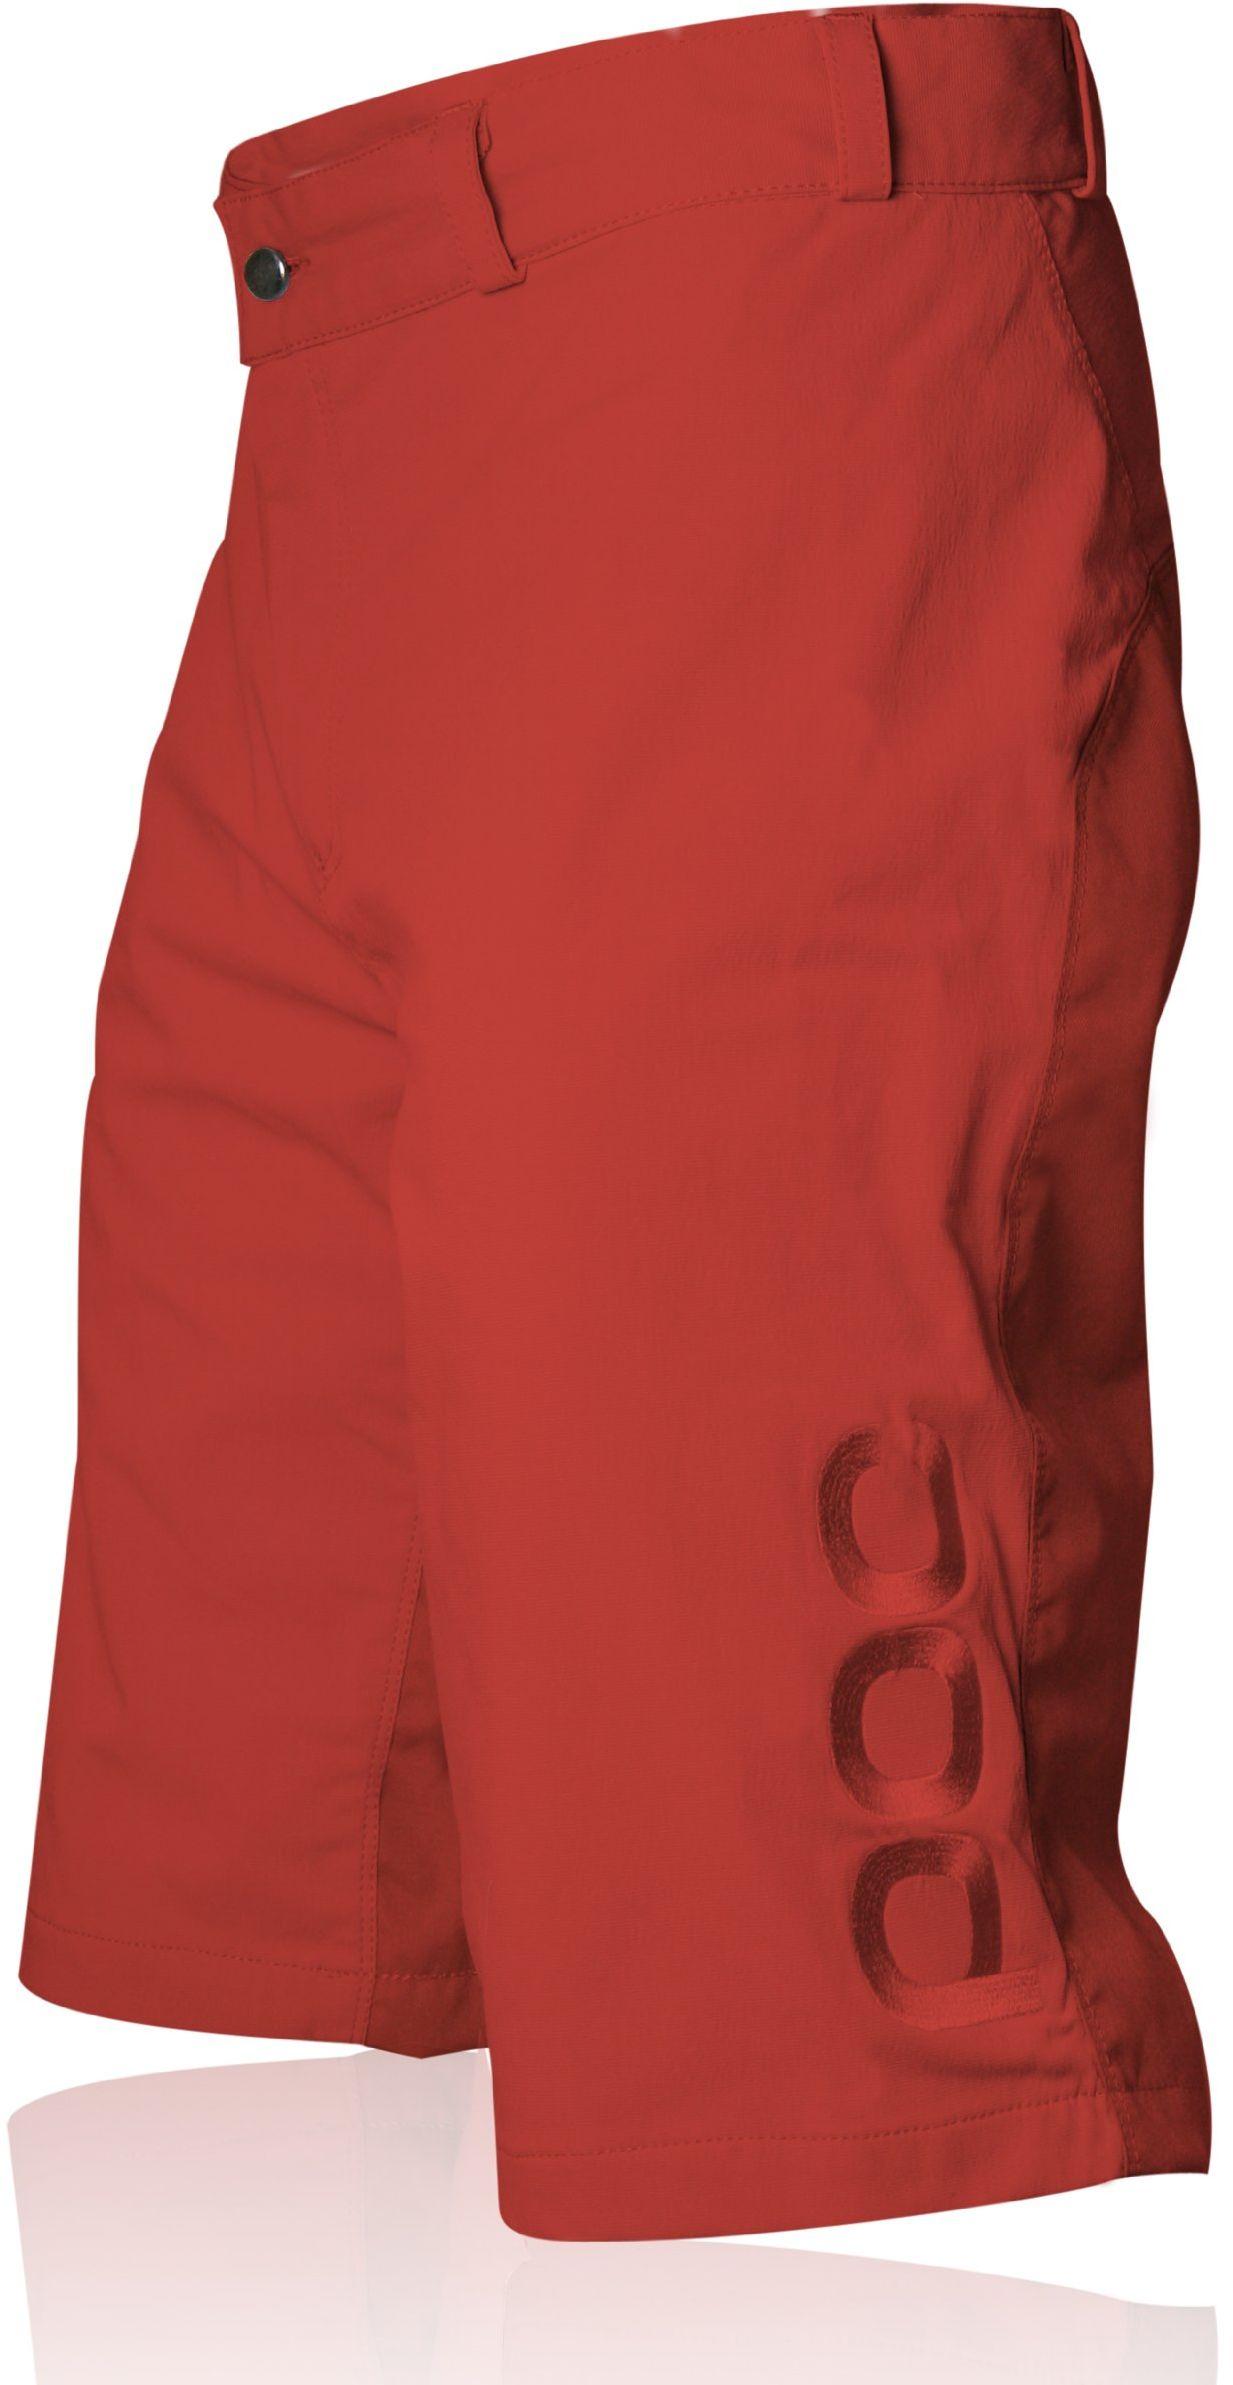 POC Szorty męskie Flow czerwony czerwony S/30